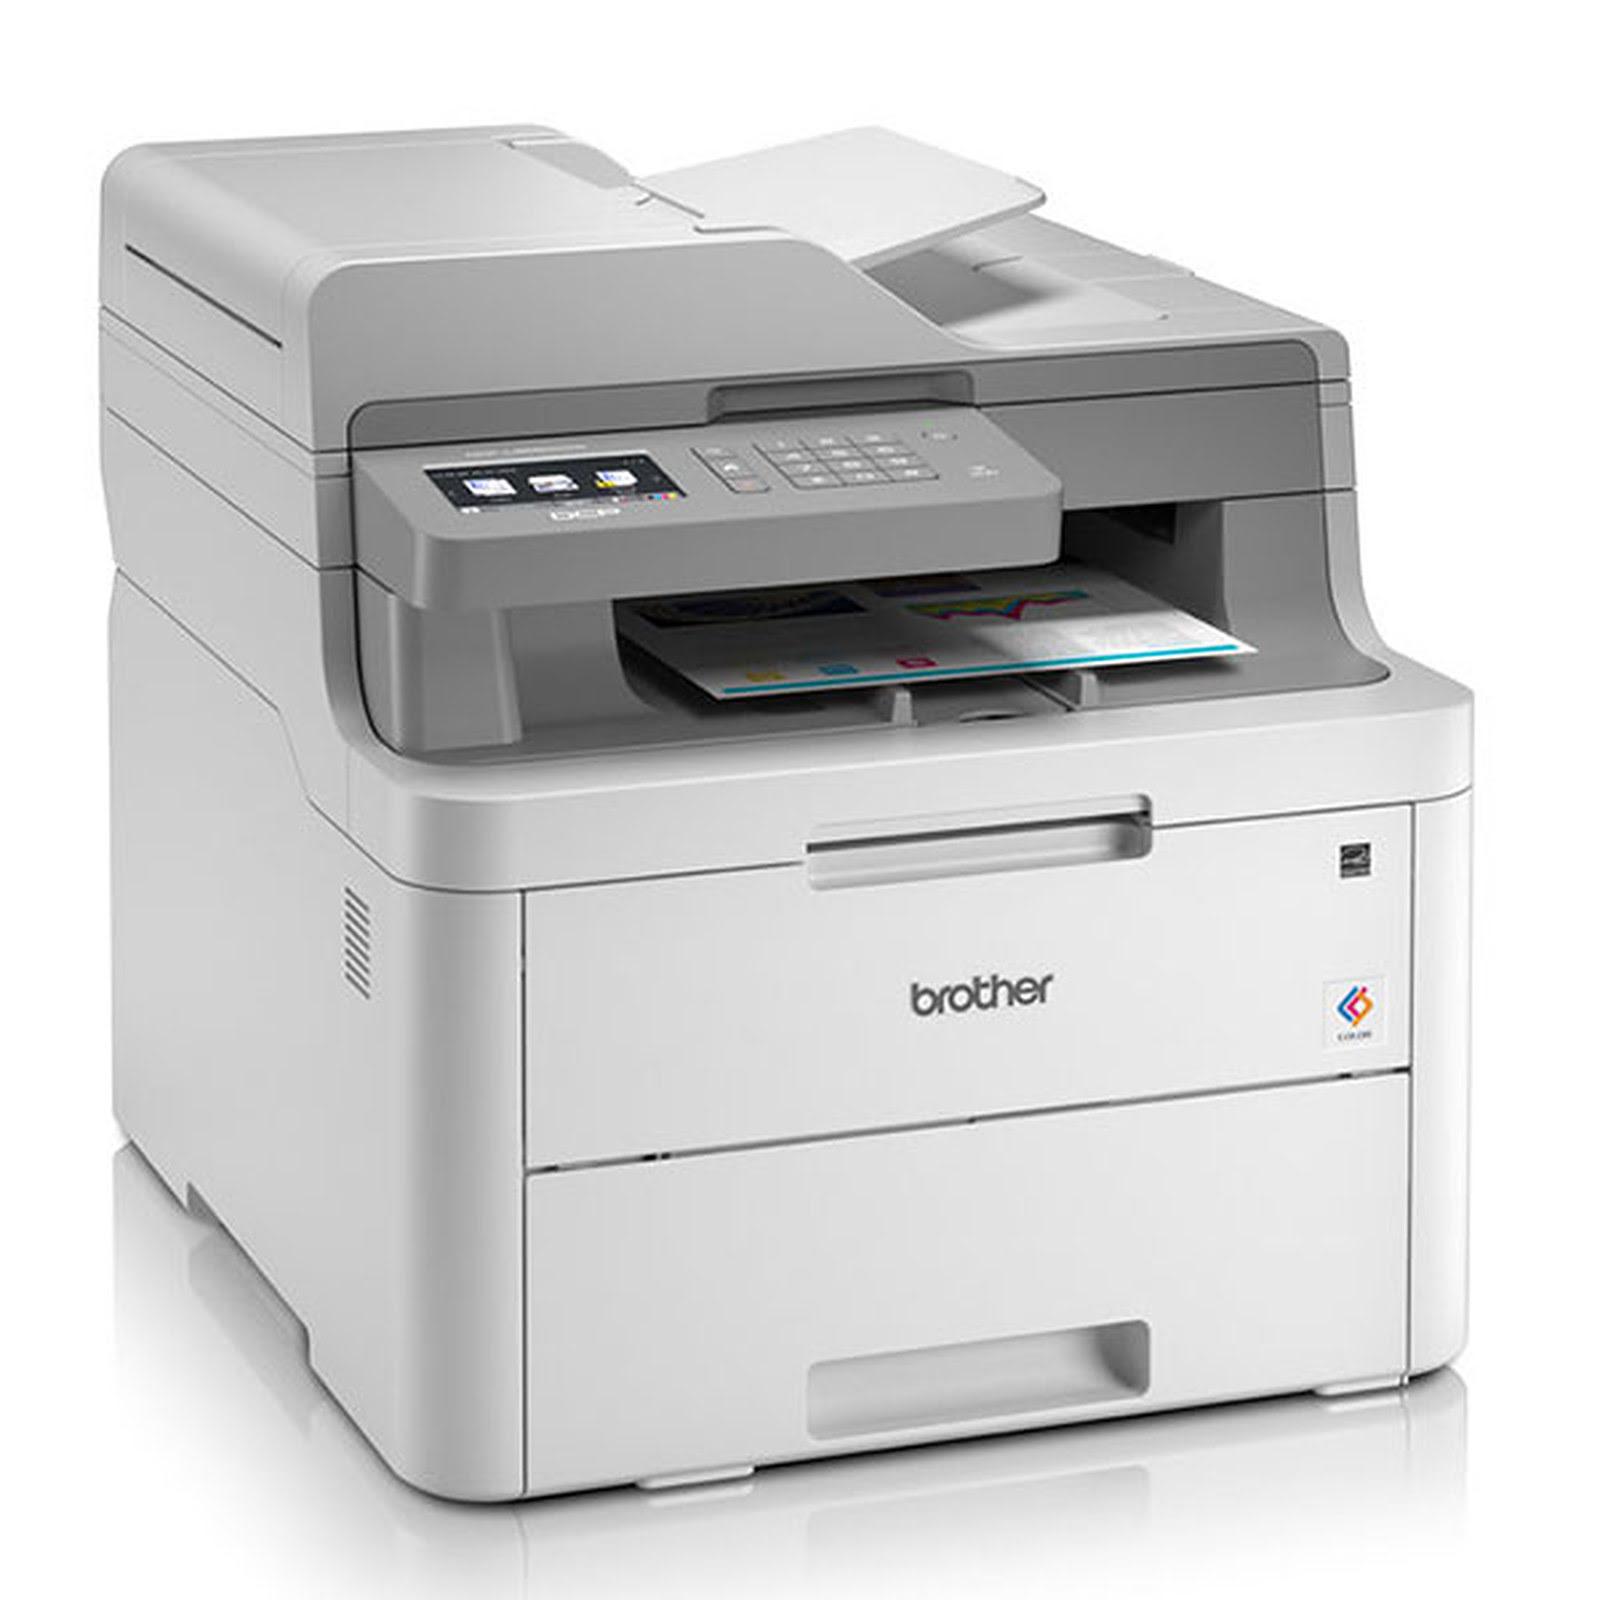 DCP-L3550CDW (DCPL3550CDWRF1) - Achat / Vente Imprimante multifonction sur Picata.fr - 2